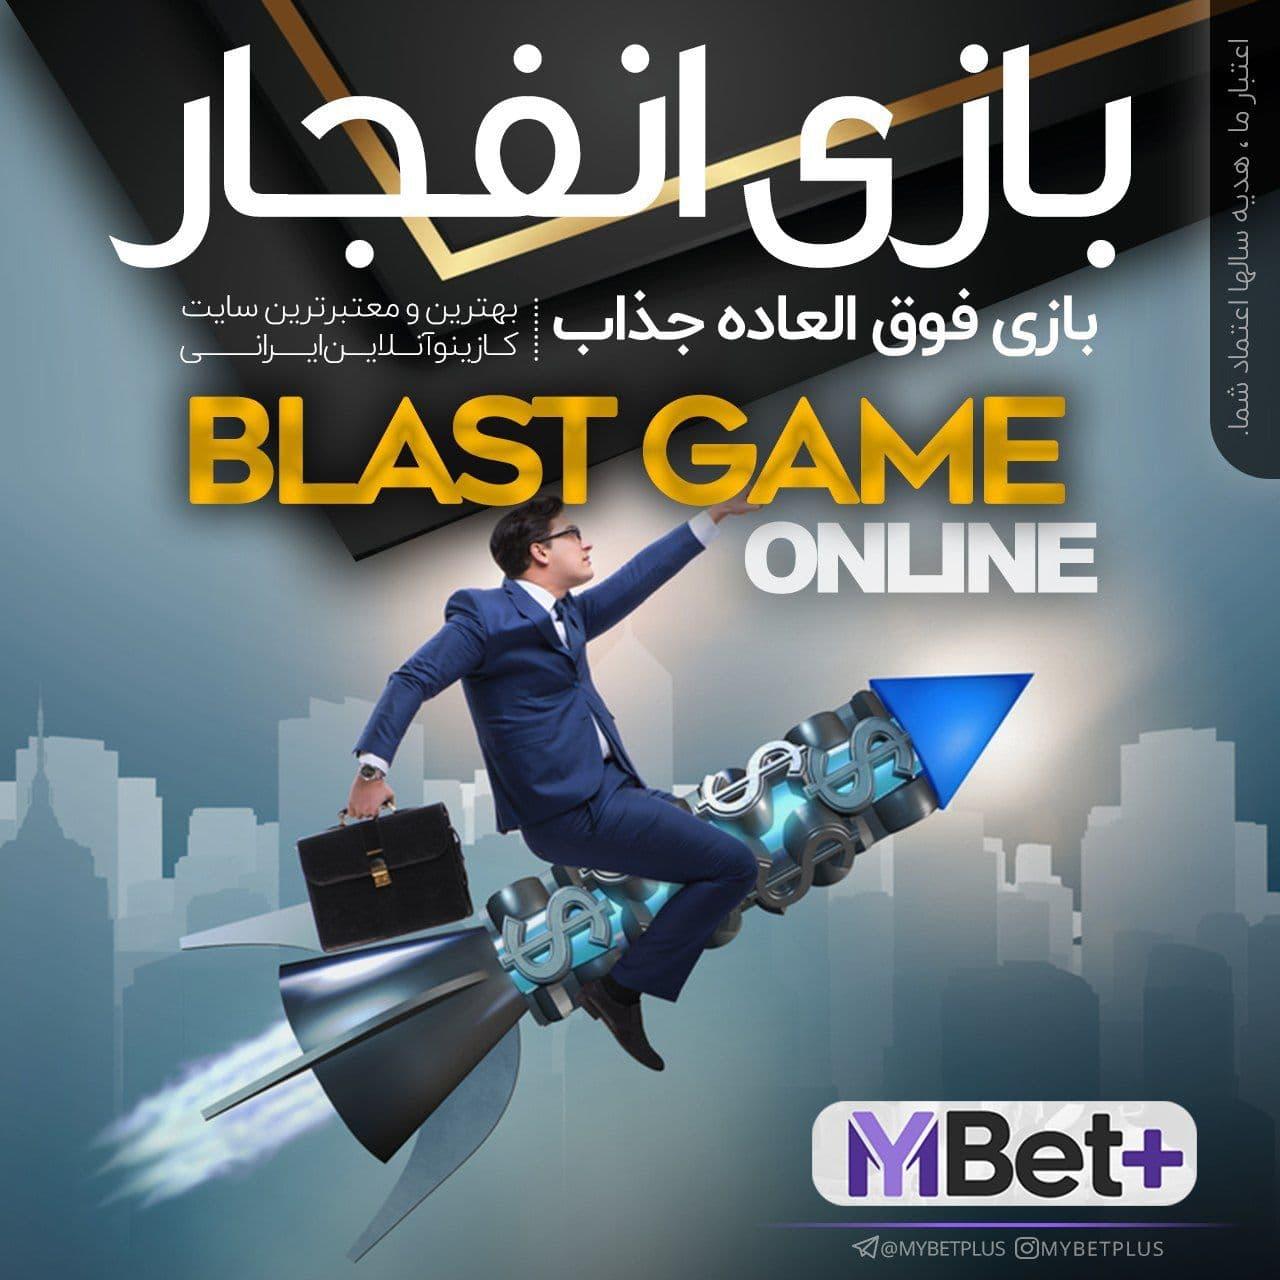 بازی انفجار mybet+